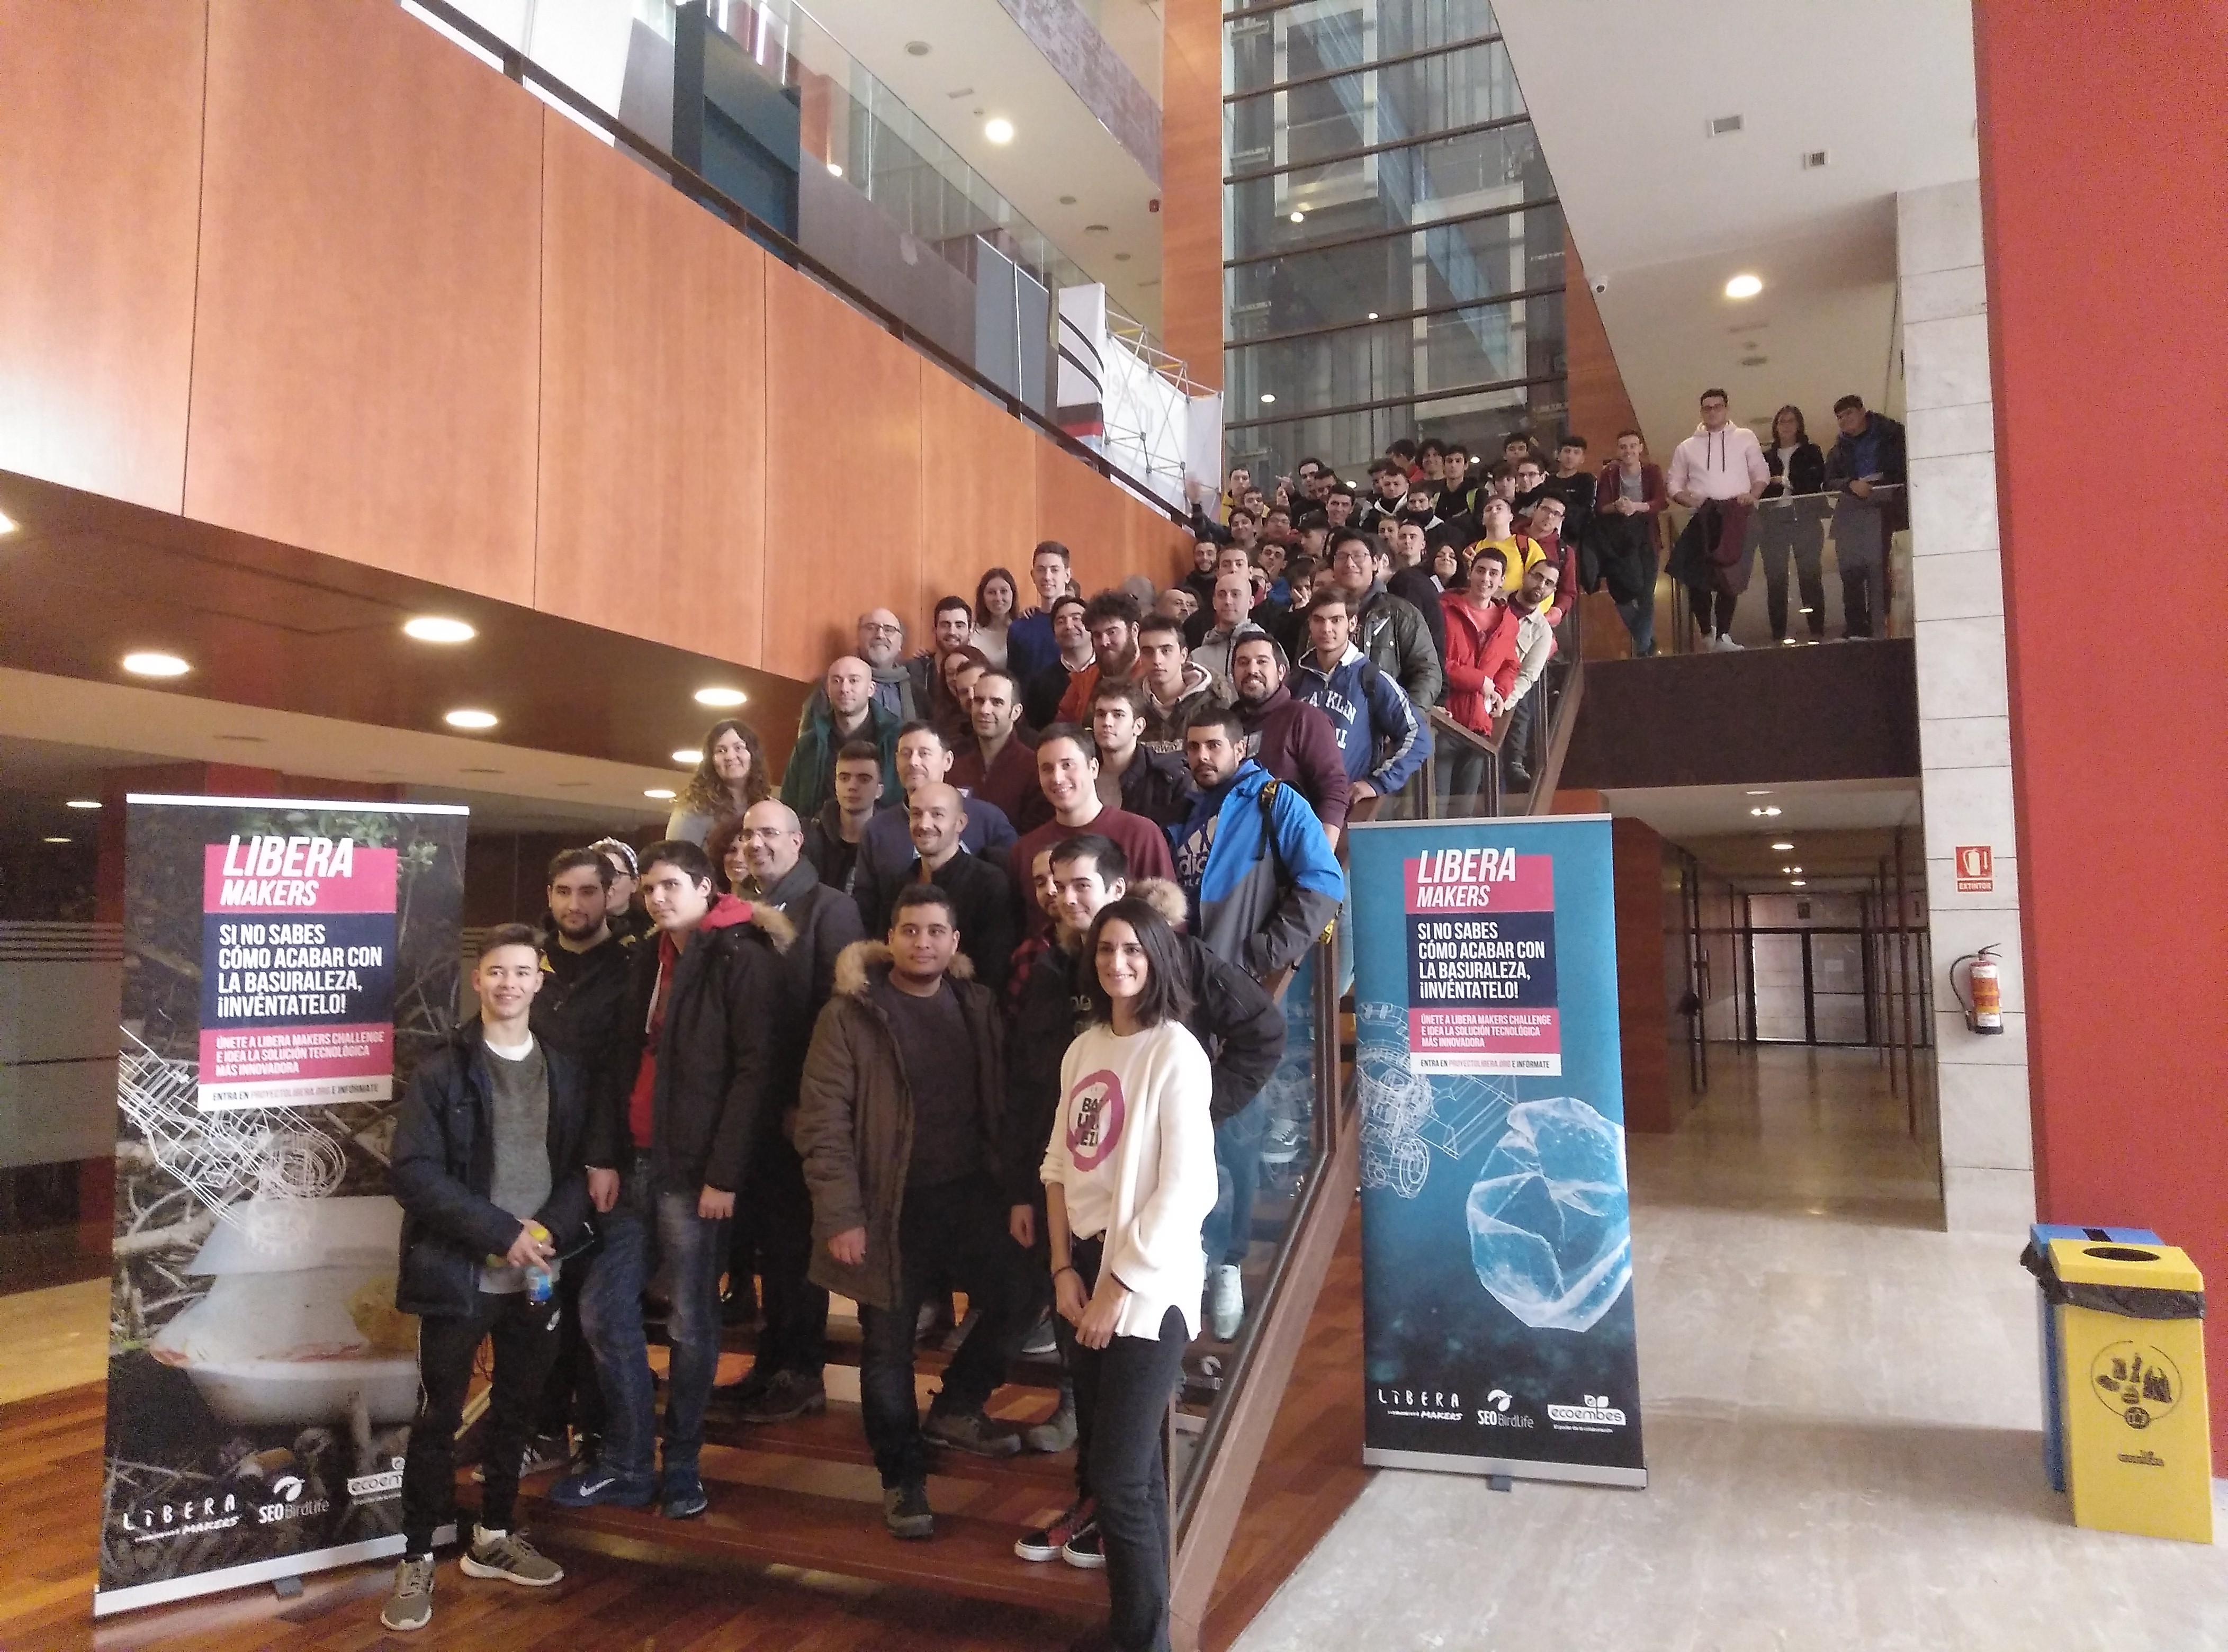 Celebración de la primera parada de Libera Maker en nuestro PCTCLM en Guadalajara